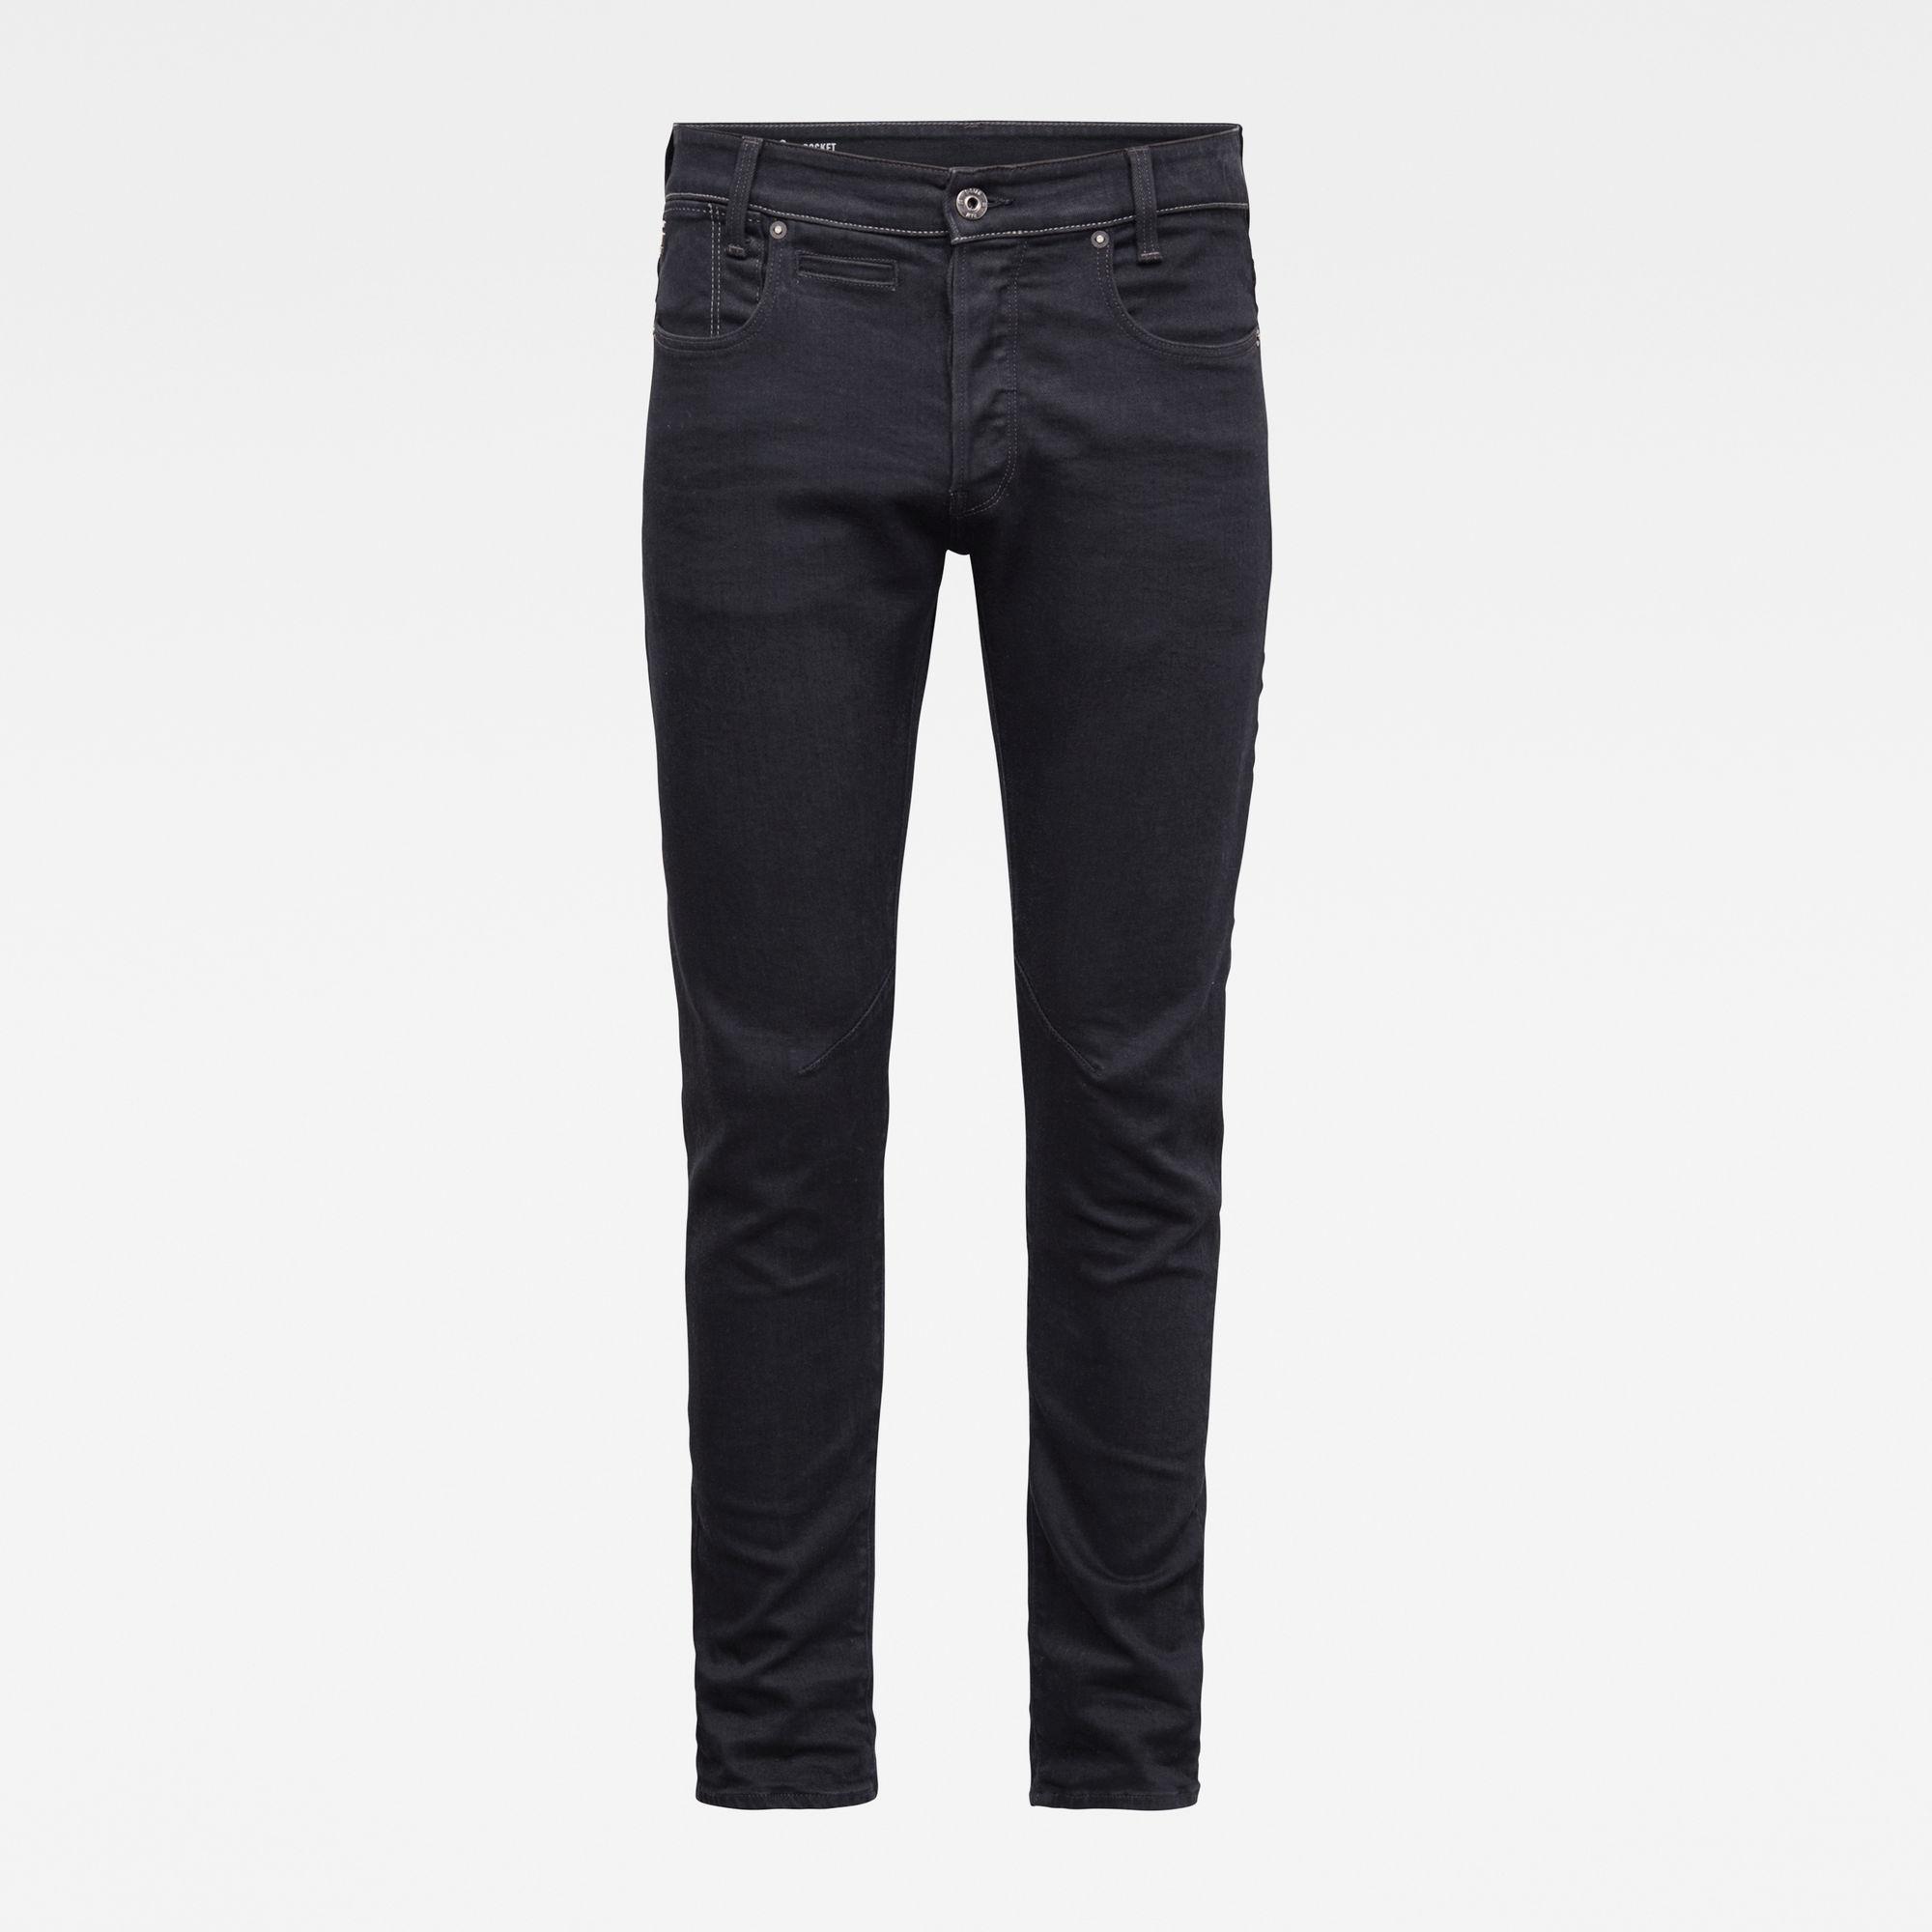 Jeans D-Staq Pop 5 Pockets Slim